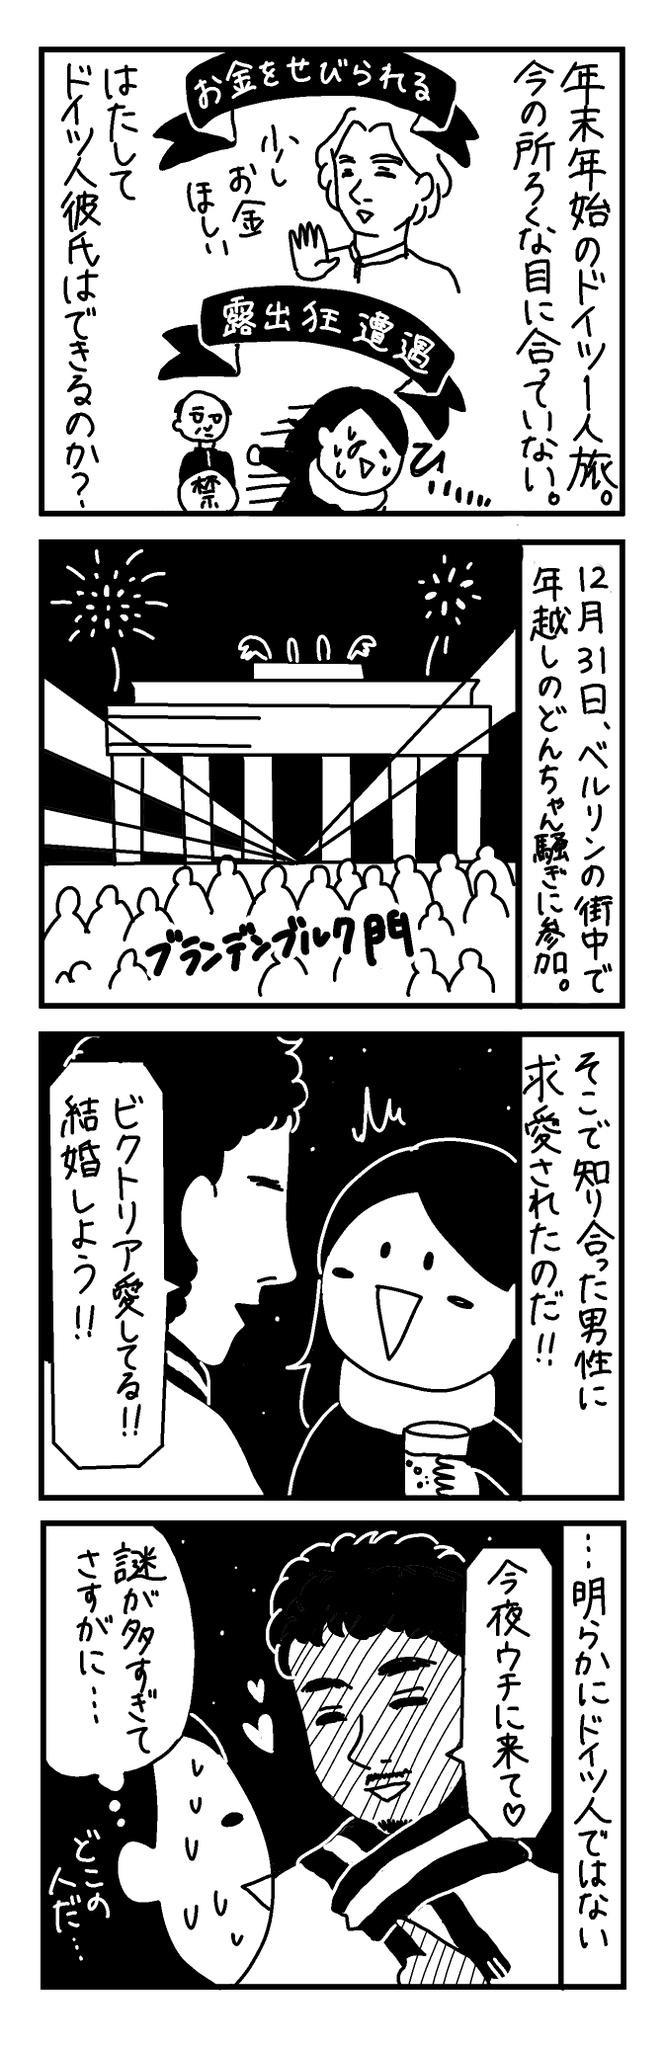 【4コマ漫画】第12回「ビクトリアな日々」作:ビクトリアブラディーヌ